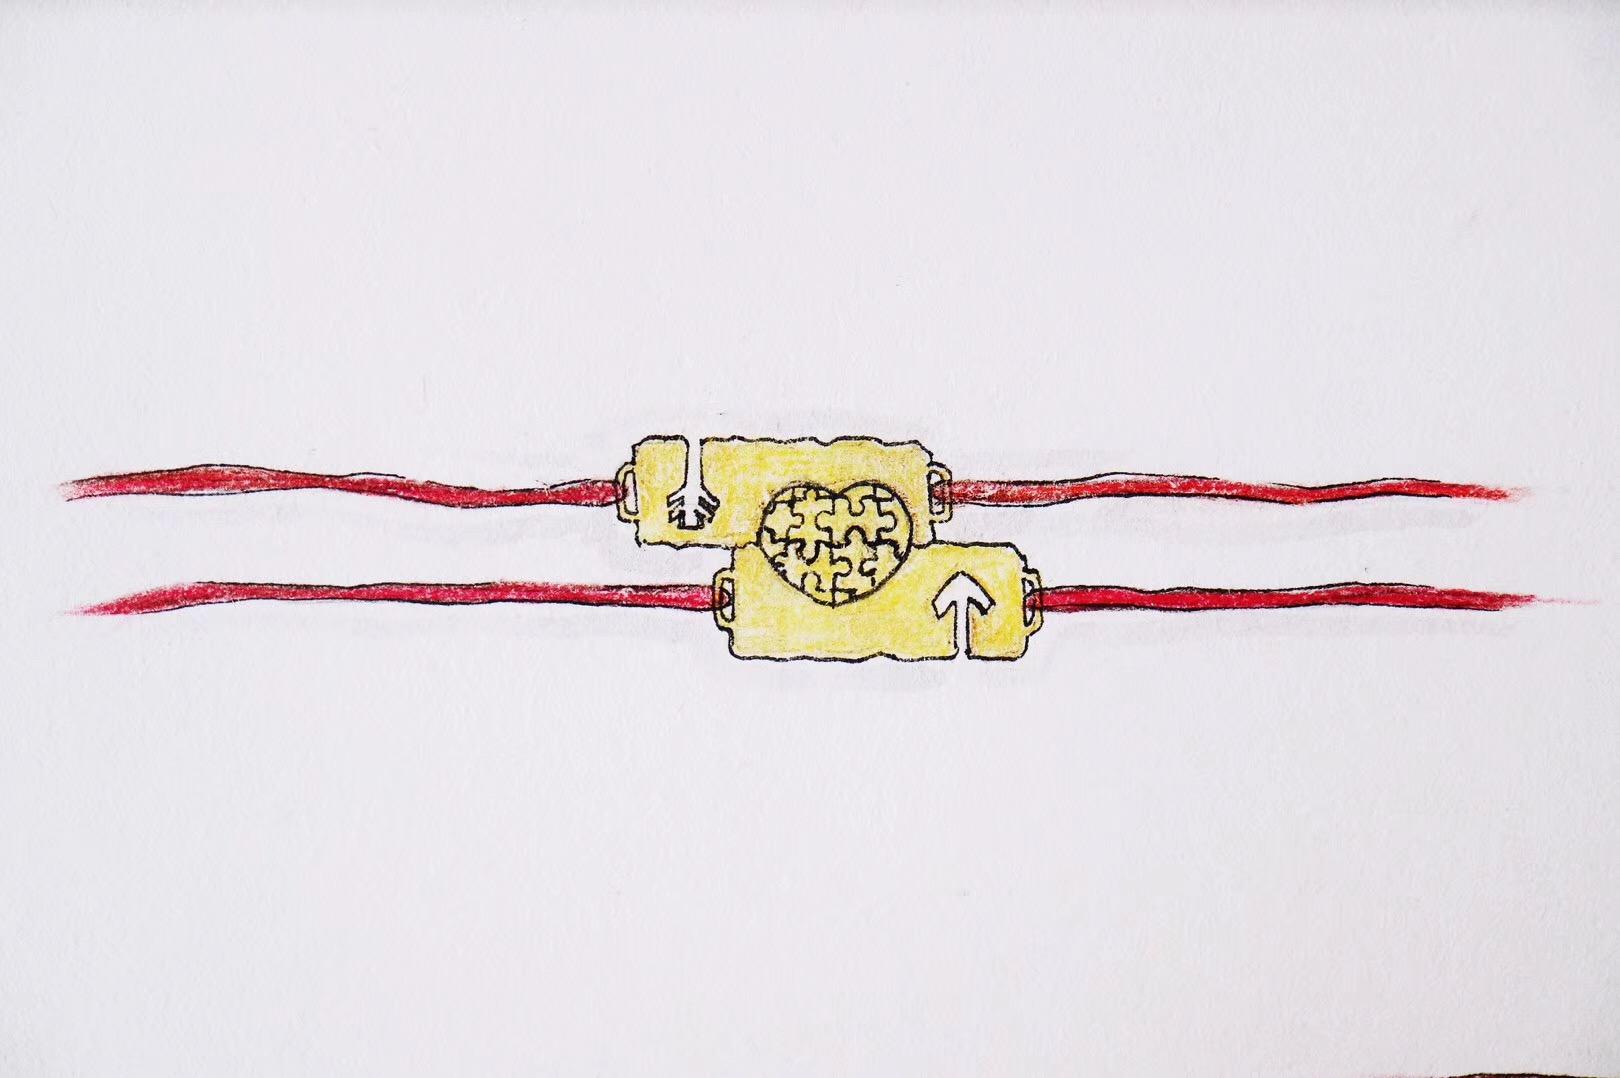 【菩心-红纹石】菩心的红纹石异常红透-菩心晶舍